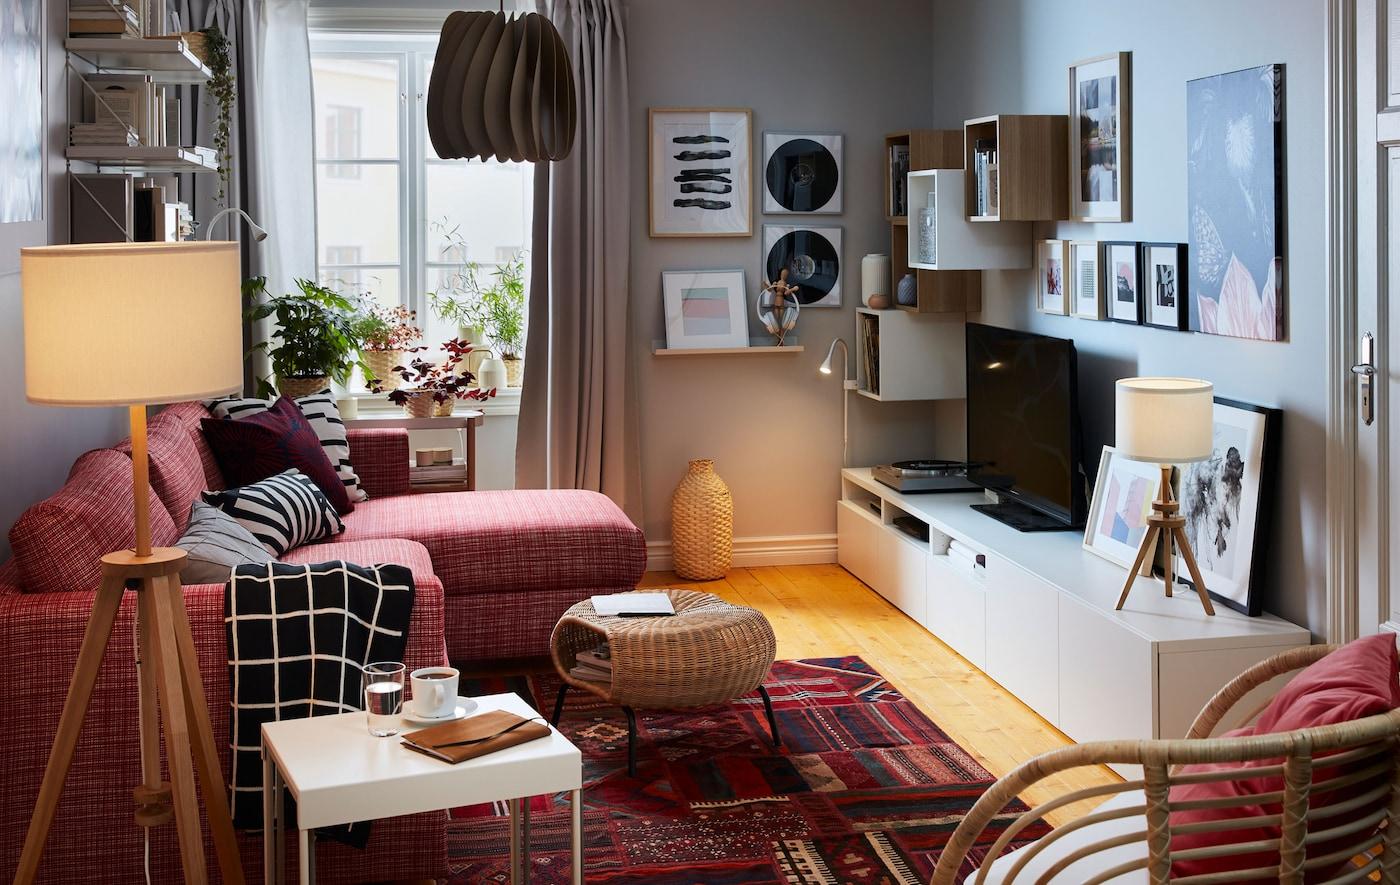 Gästezimmer im Wohnzimmer einrichten - IKEA Schweiz